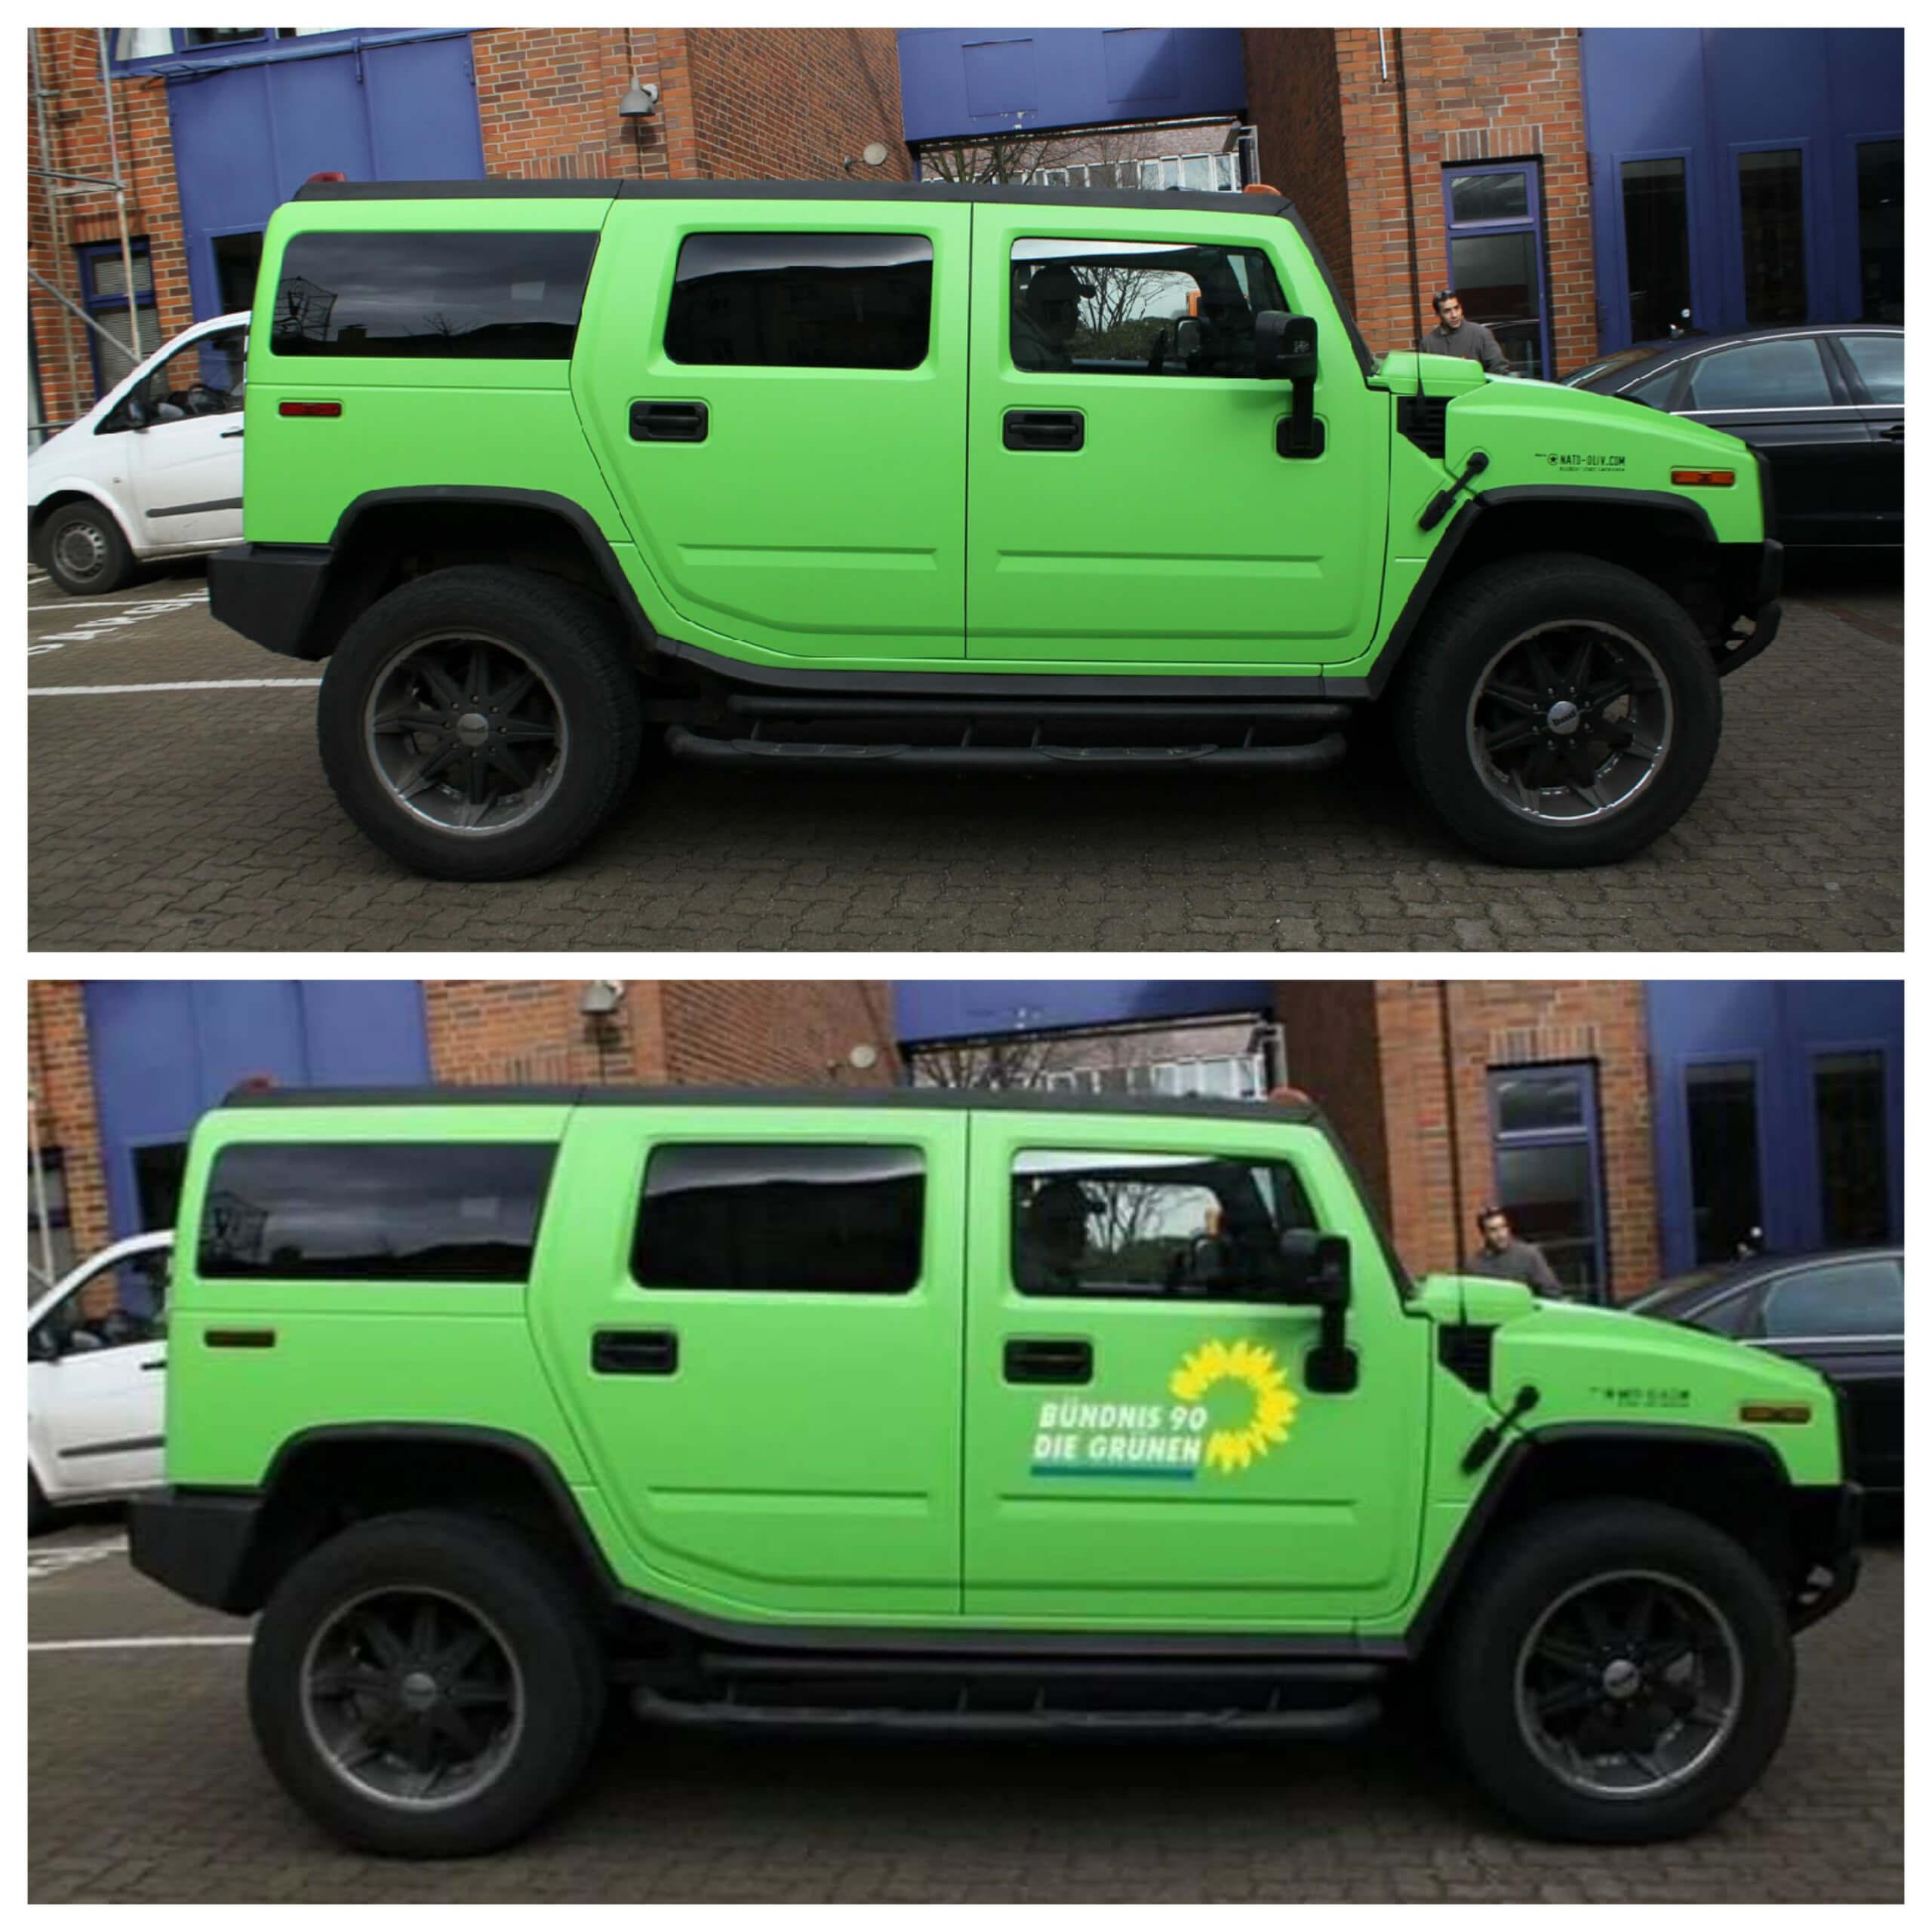 Dieses Foto eines Hummers wurde manipuliert: Die Originalversion ist oben zu sehen, die manipulierte Version mit dem Logo von Bündnis 90/Die Grünen unten.